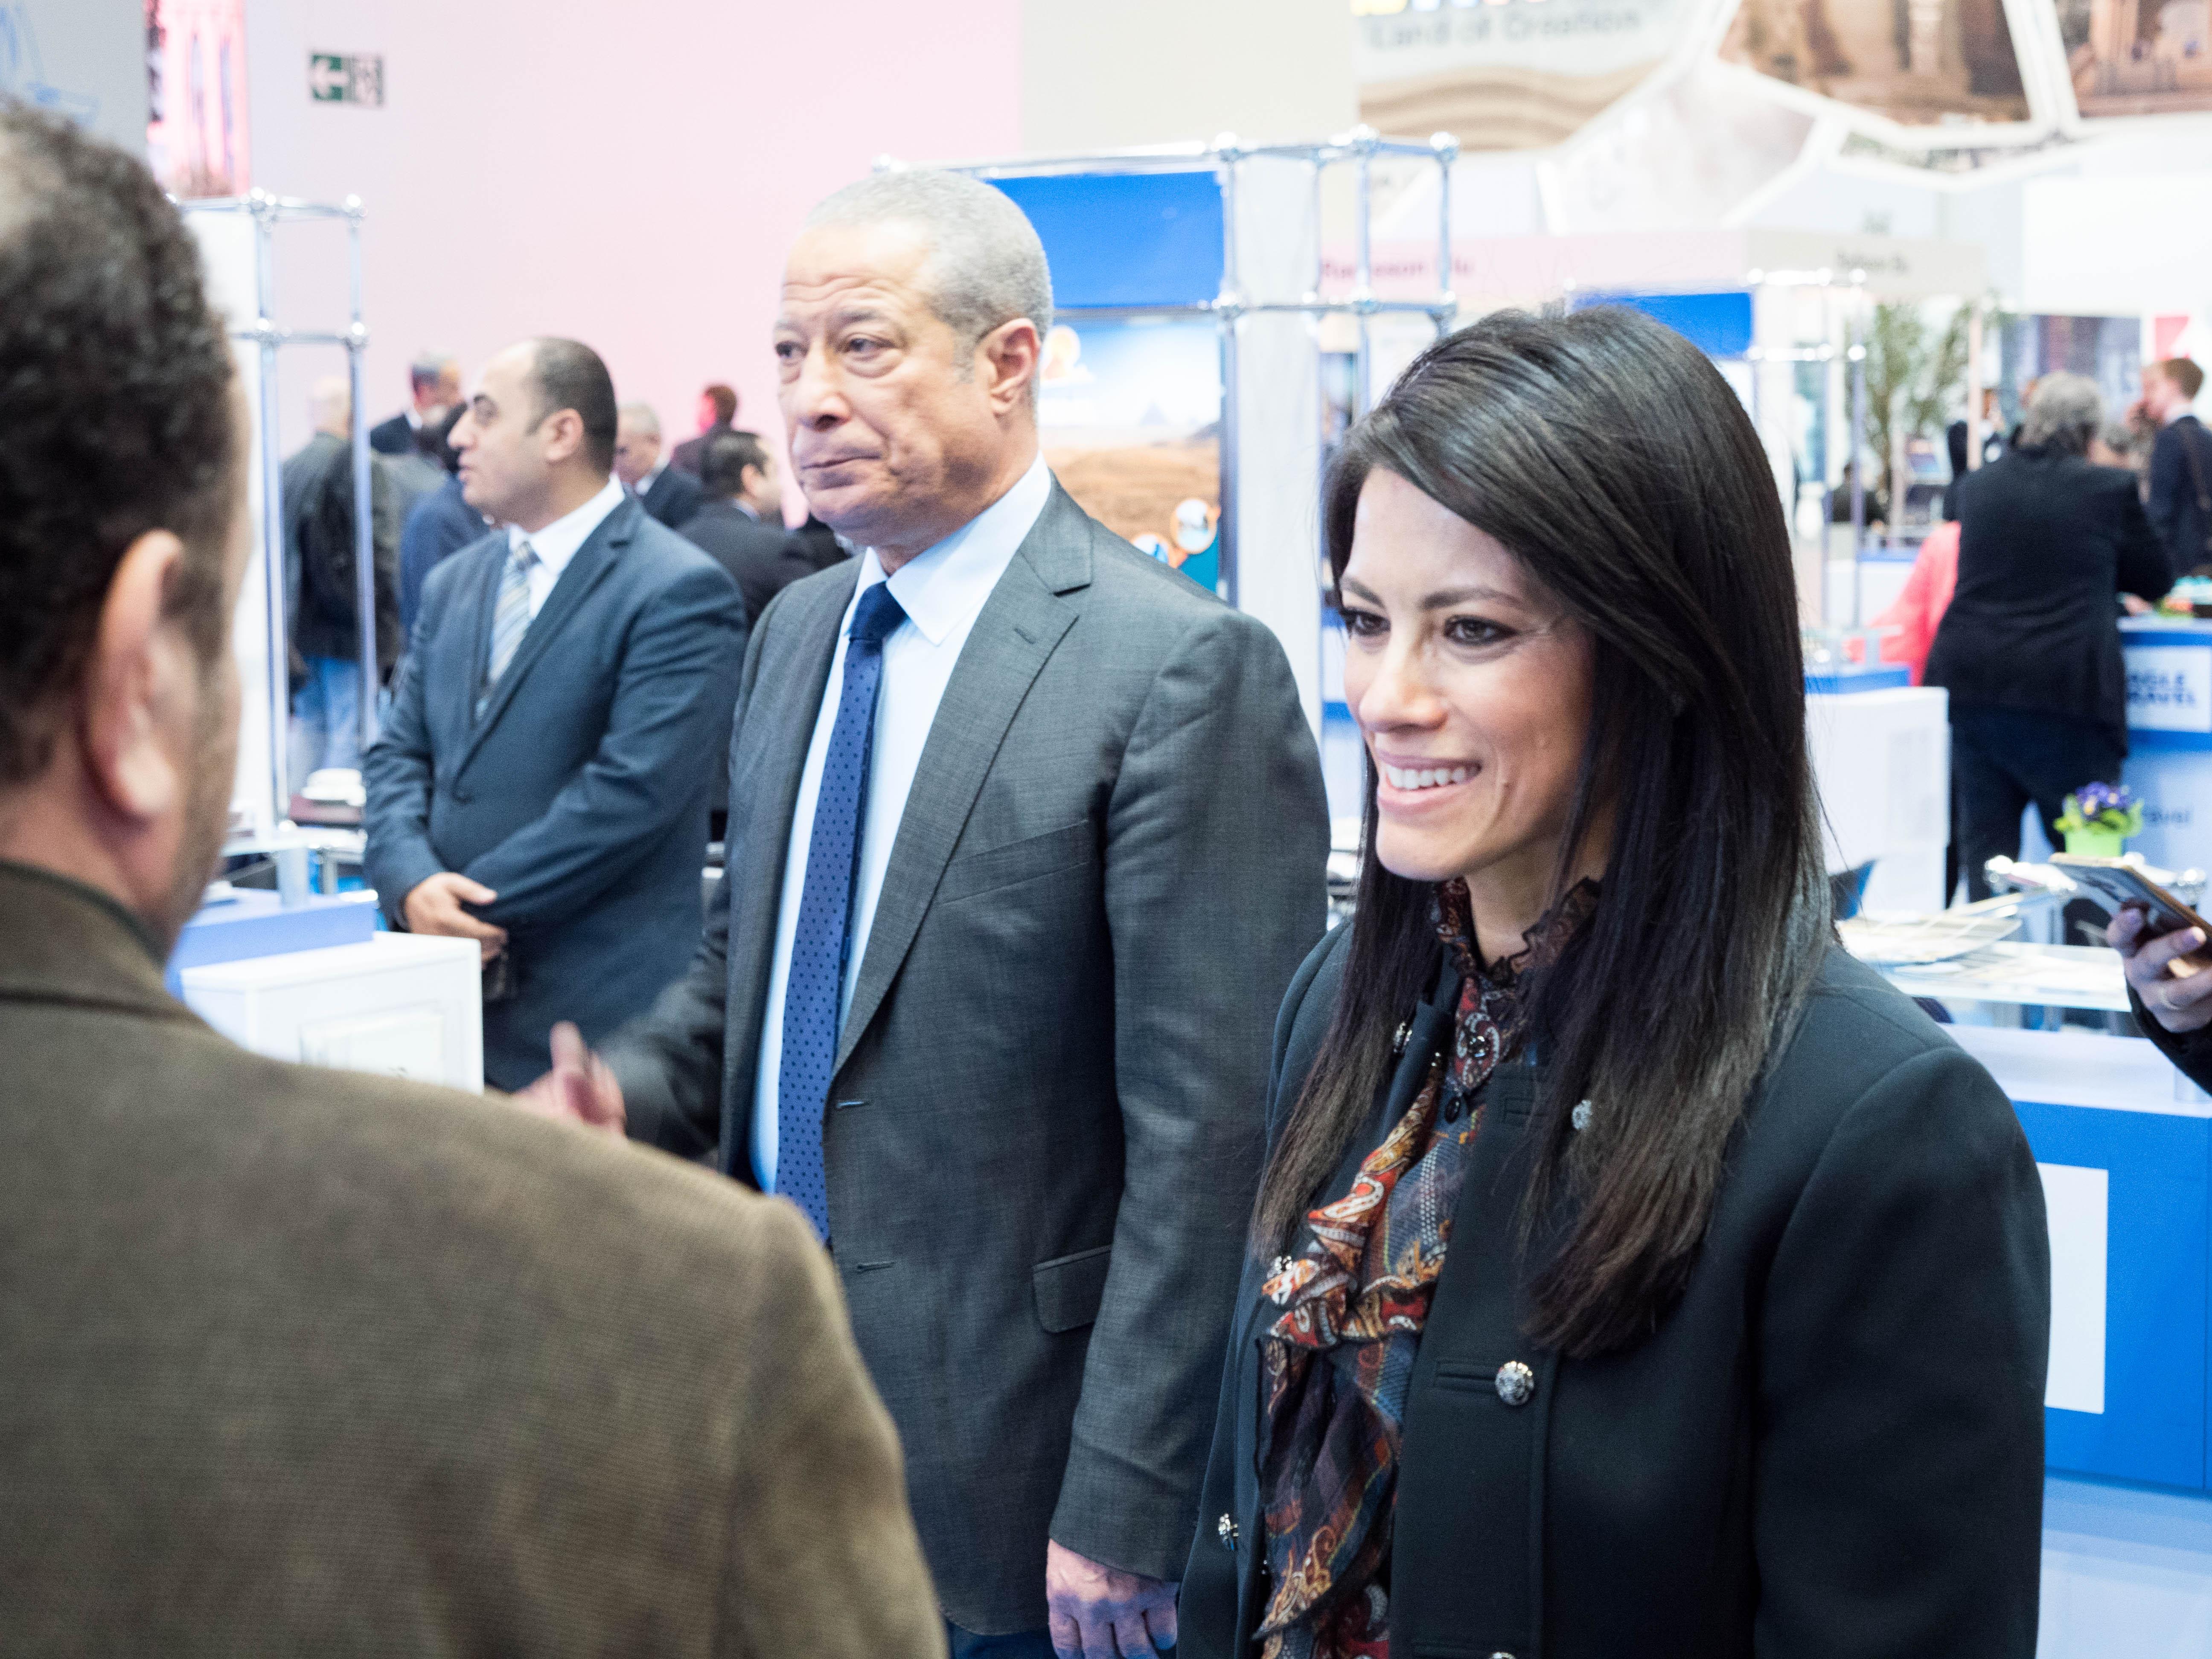 رانيا المشاط وزيرة السياحة خلال زيارتها بورصة برلين